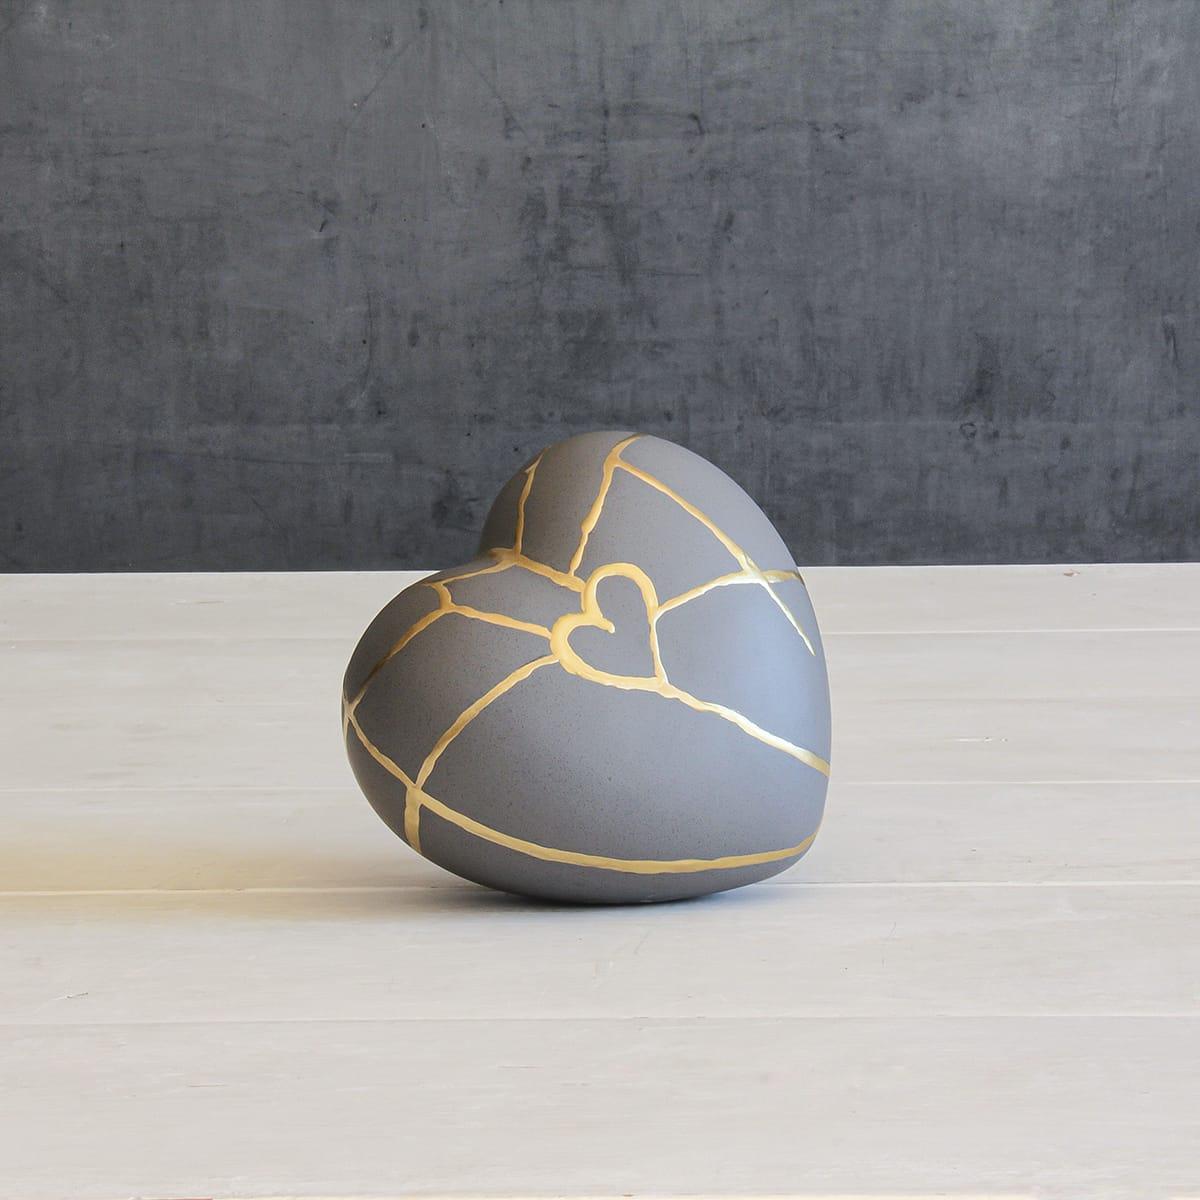 oggetto decorativo a forma di cuore, smaltato effetto cemento con la riproduzione dell'antica arte giapponese del kintsugi